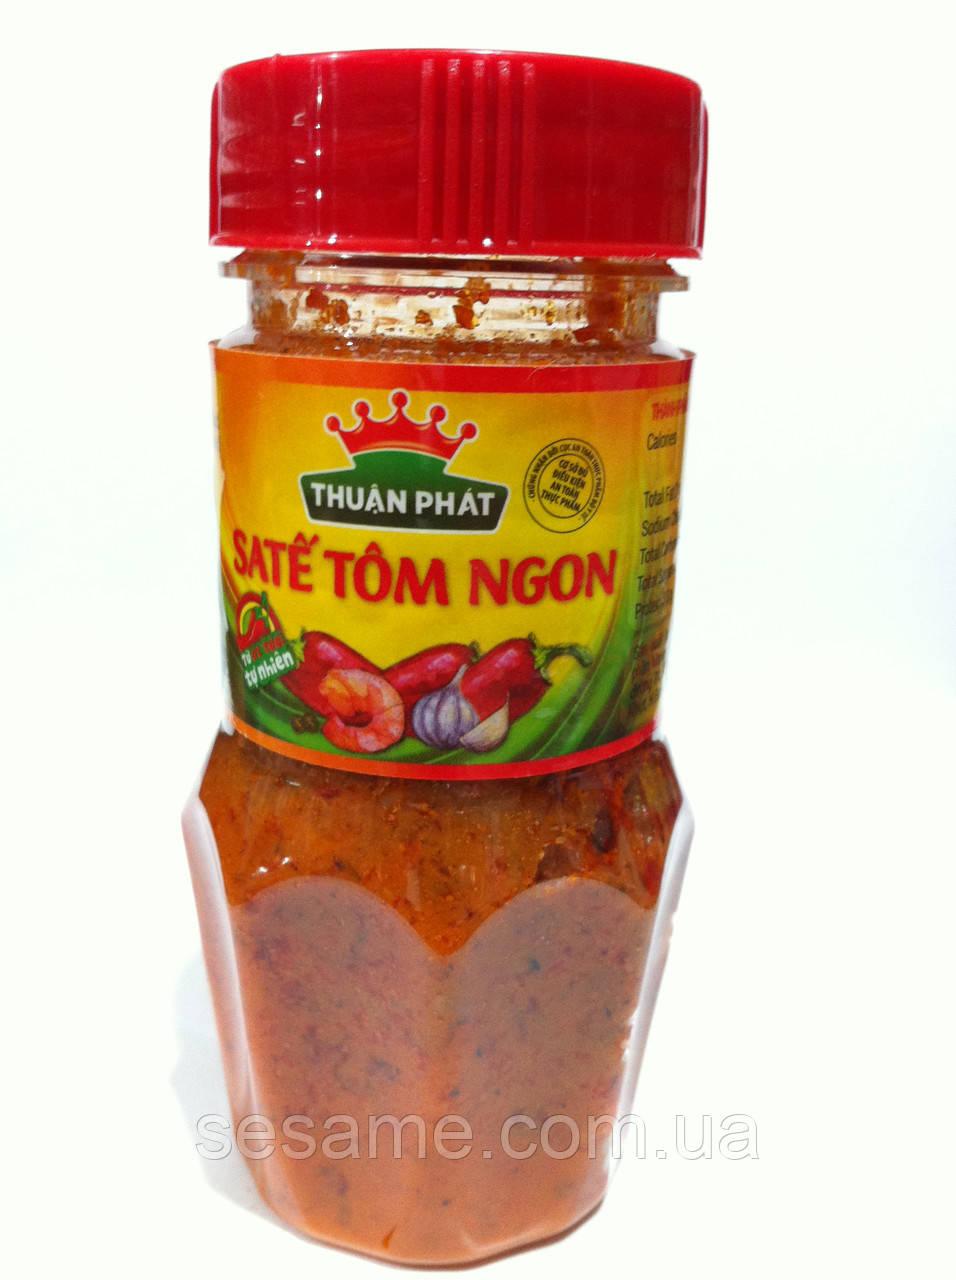 Креветочная овощная  острая паста Thuan Phat Sate Tom Ngon 85г (Вьетнам)